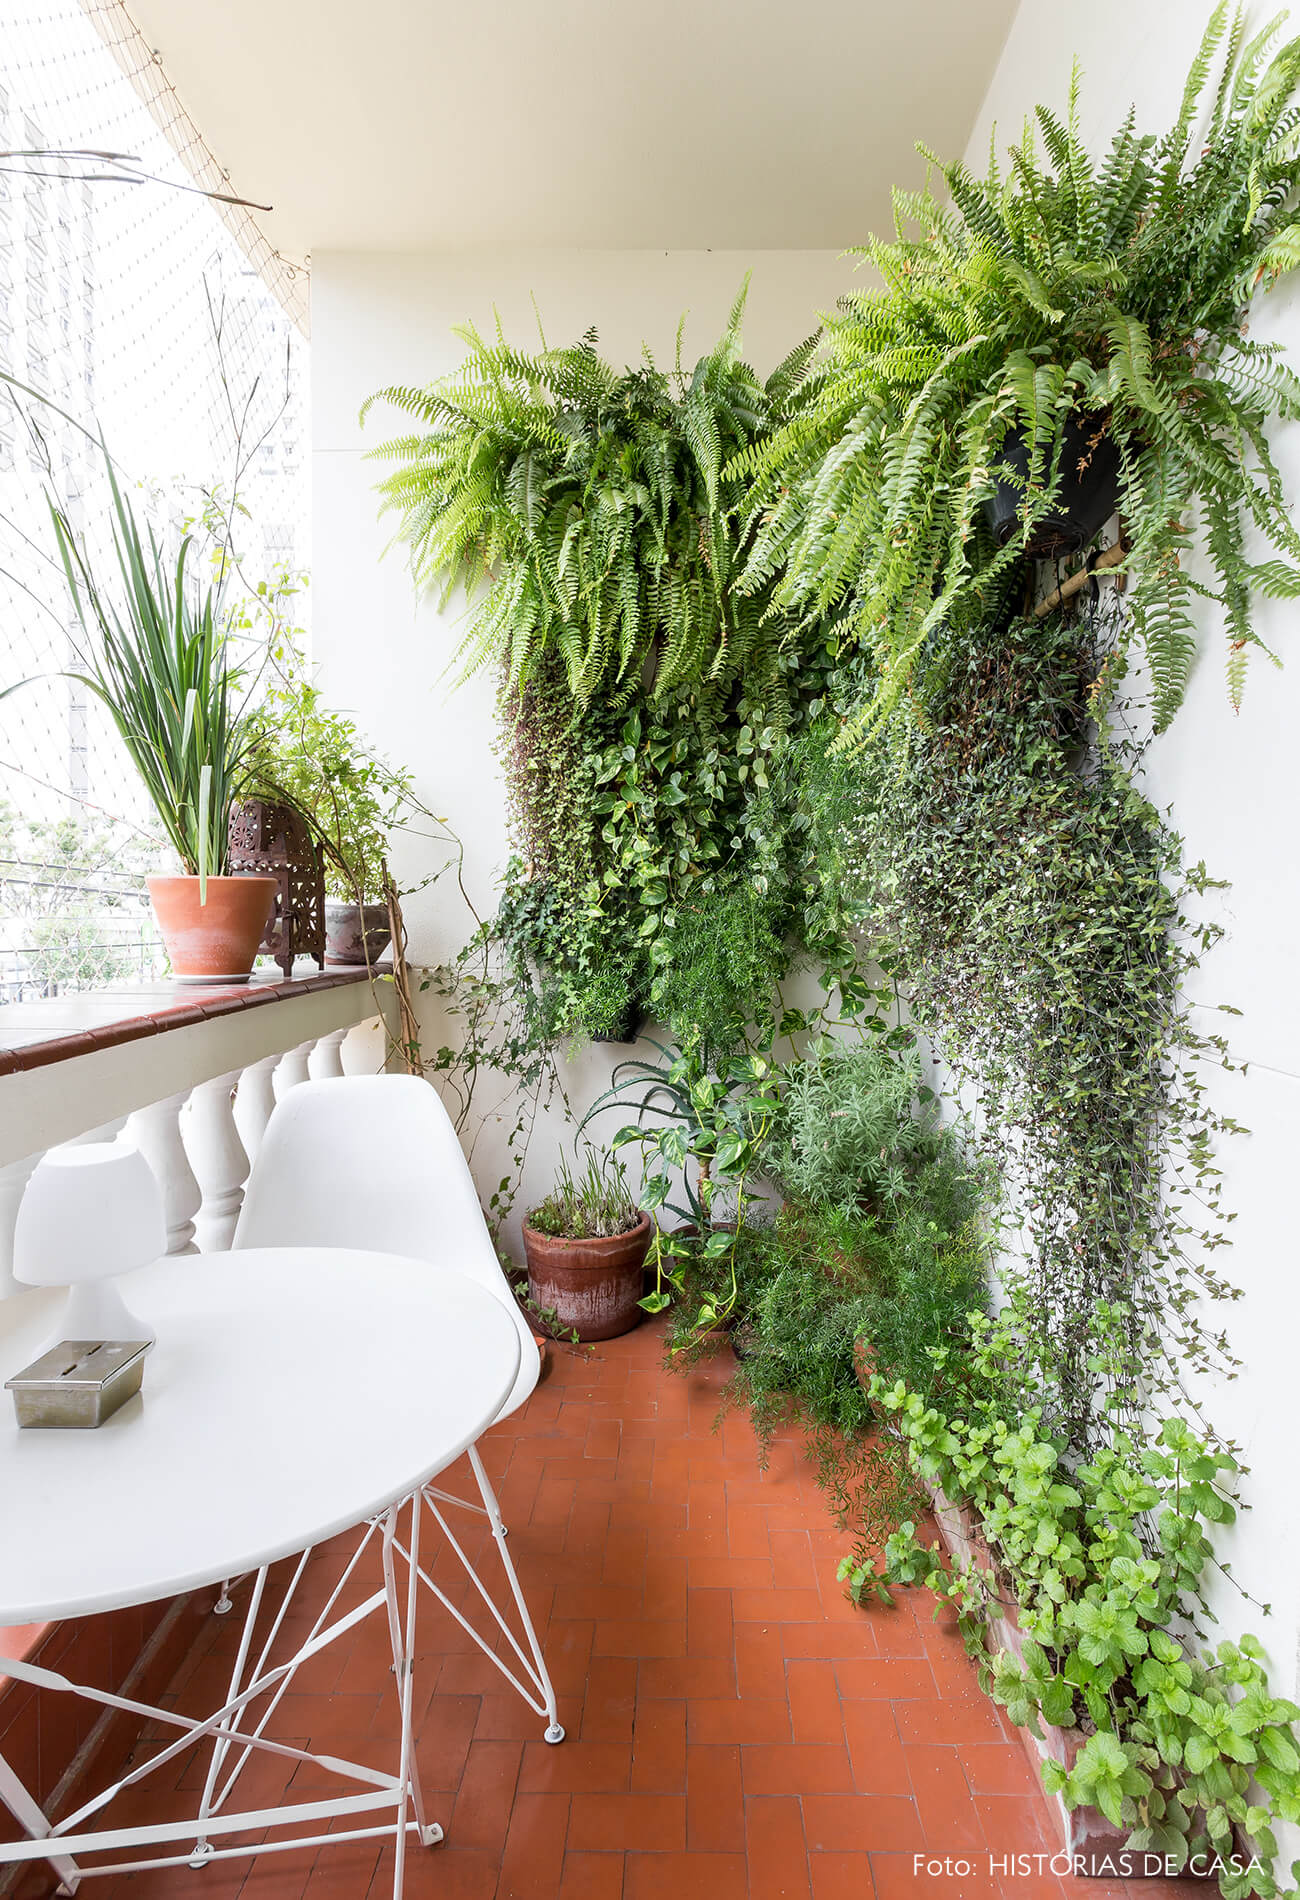 decoração varanda com muitas plantas e mesa e cadeira brancas